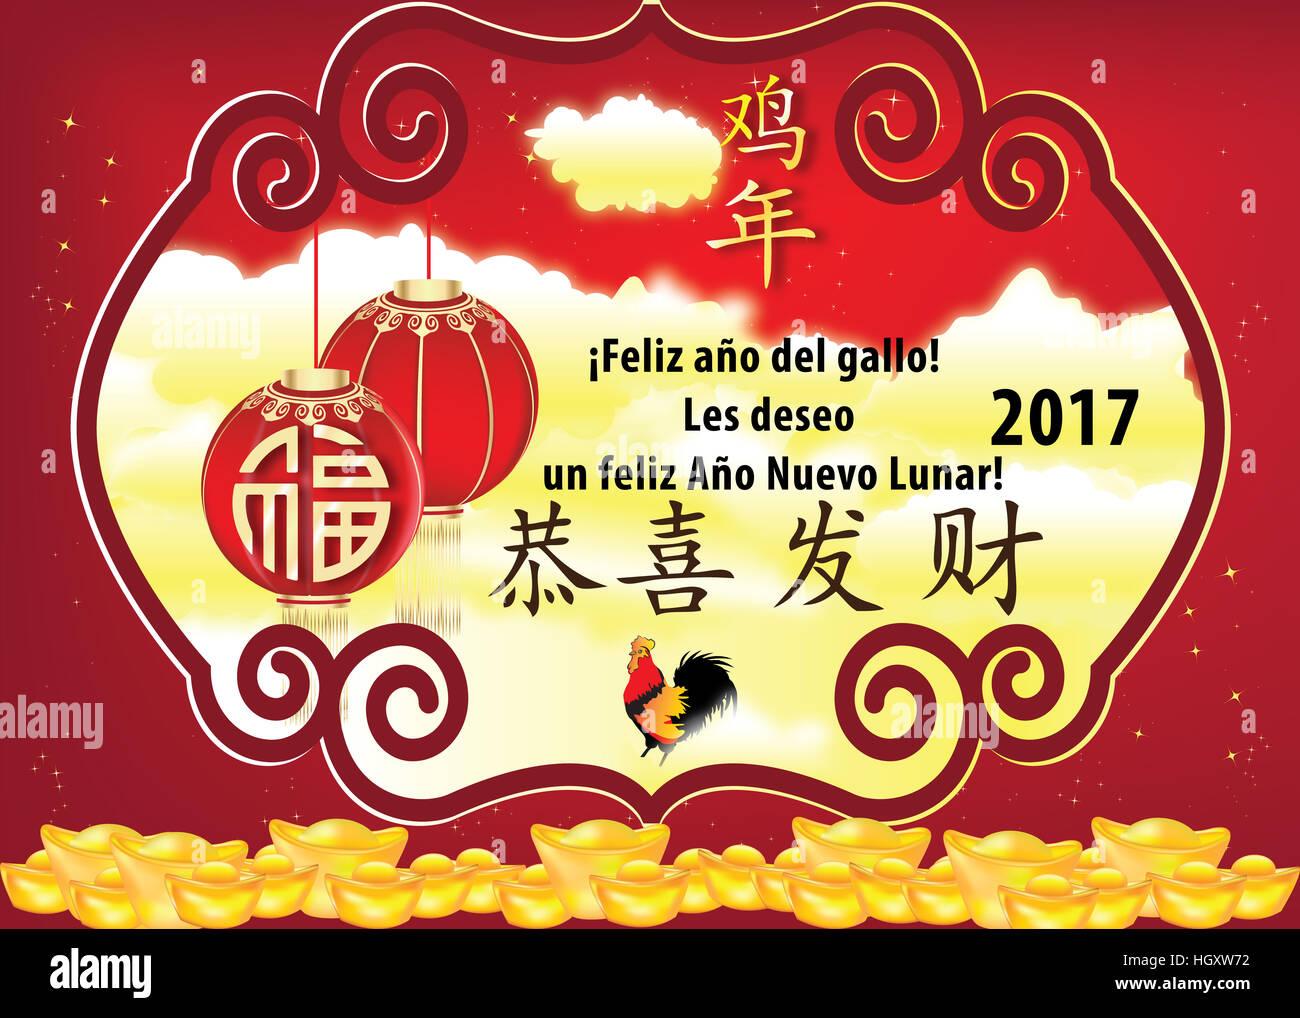 Spanische Unternehmen Grußkarte zum chinesischen Neujahr 2017! Text ...